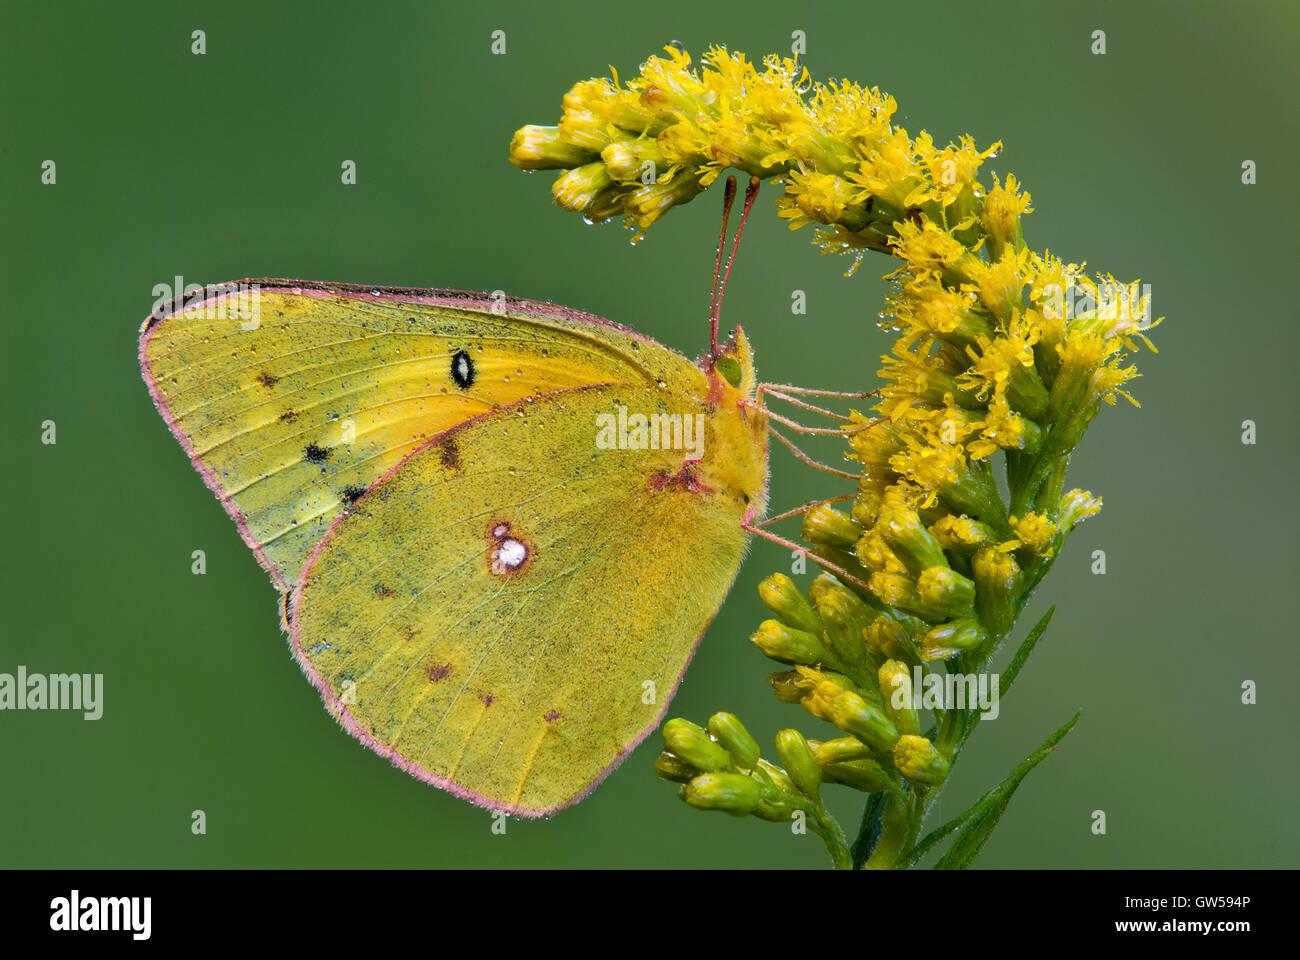 Colias philodice empañó el azufre mariposas alimentándose de Goldenrod (Solidago especies) flores, Michigan, EE.UU. Foto de stock